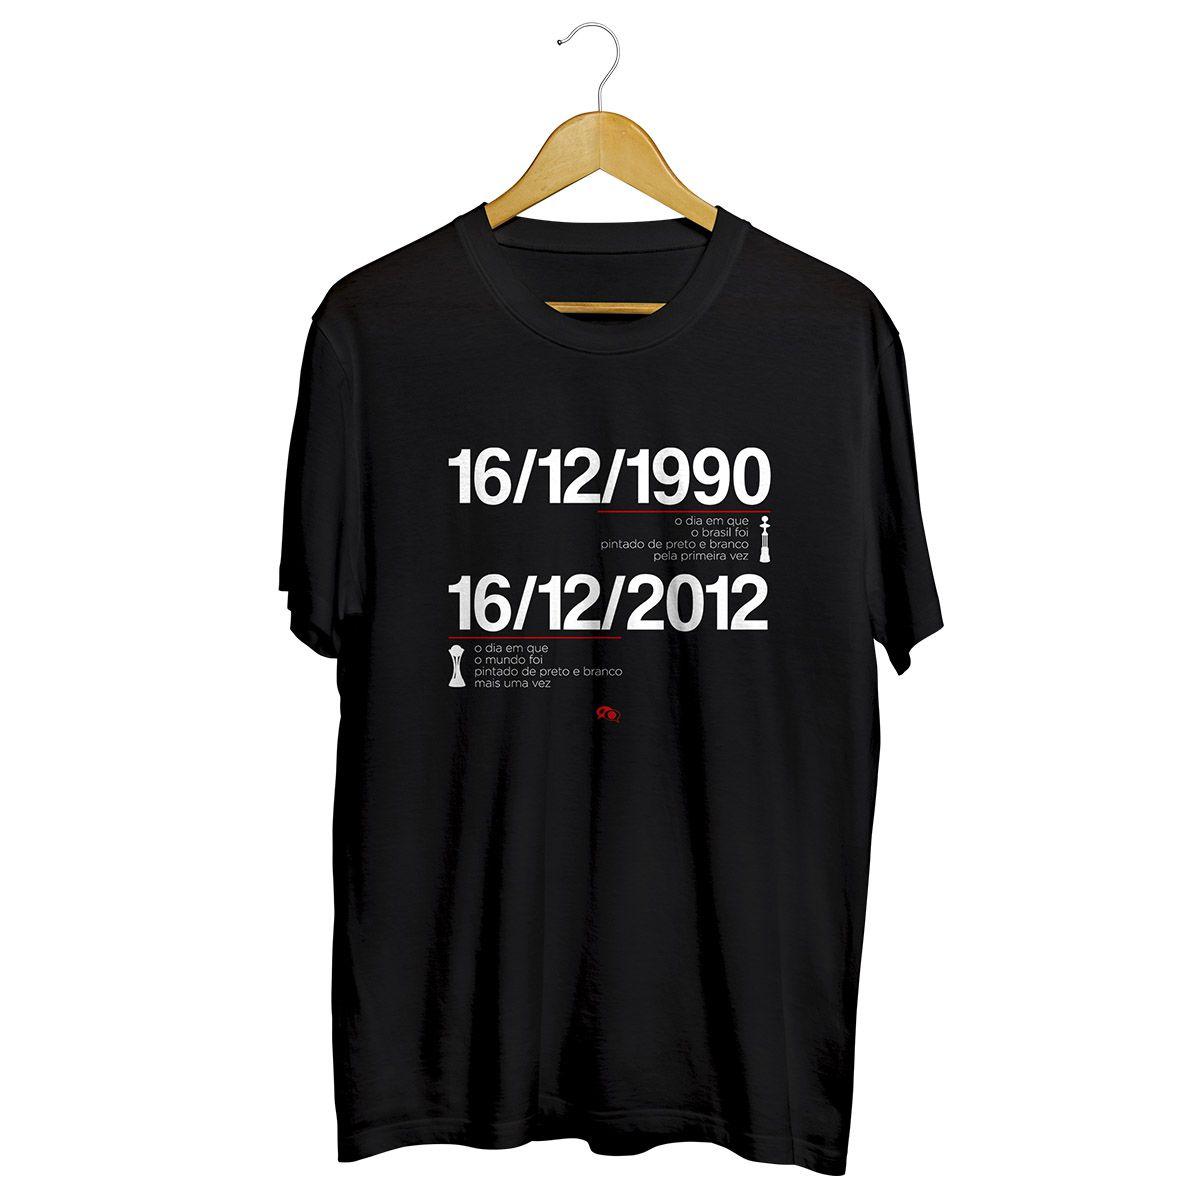 Camiseta - COR: DIA PRETO E BRANCO. Masculino